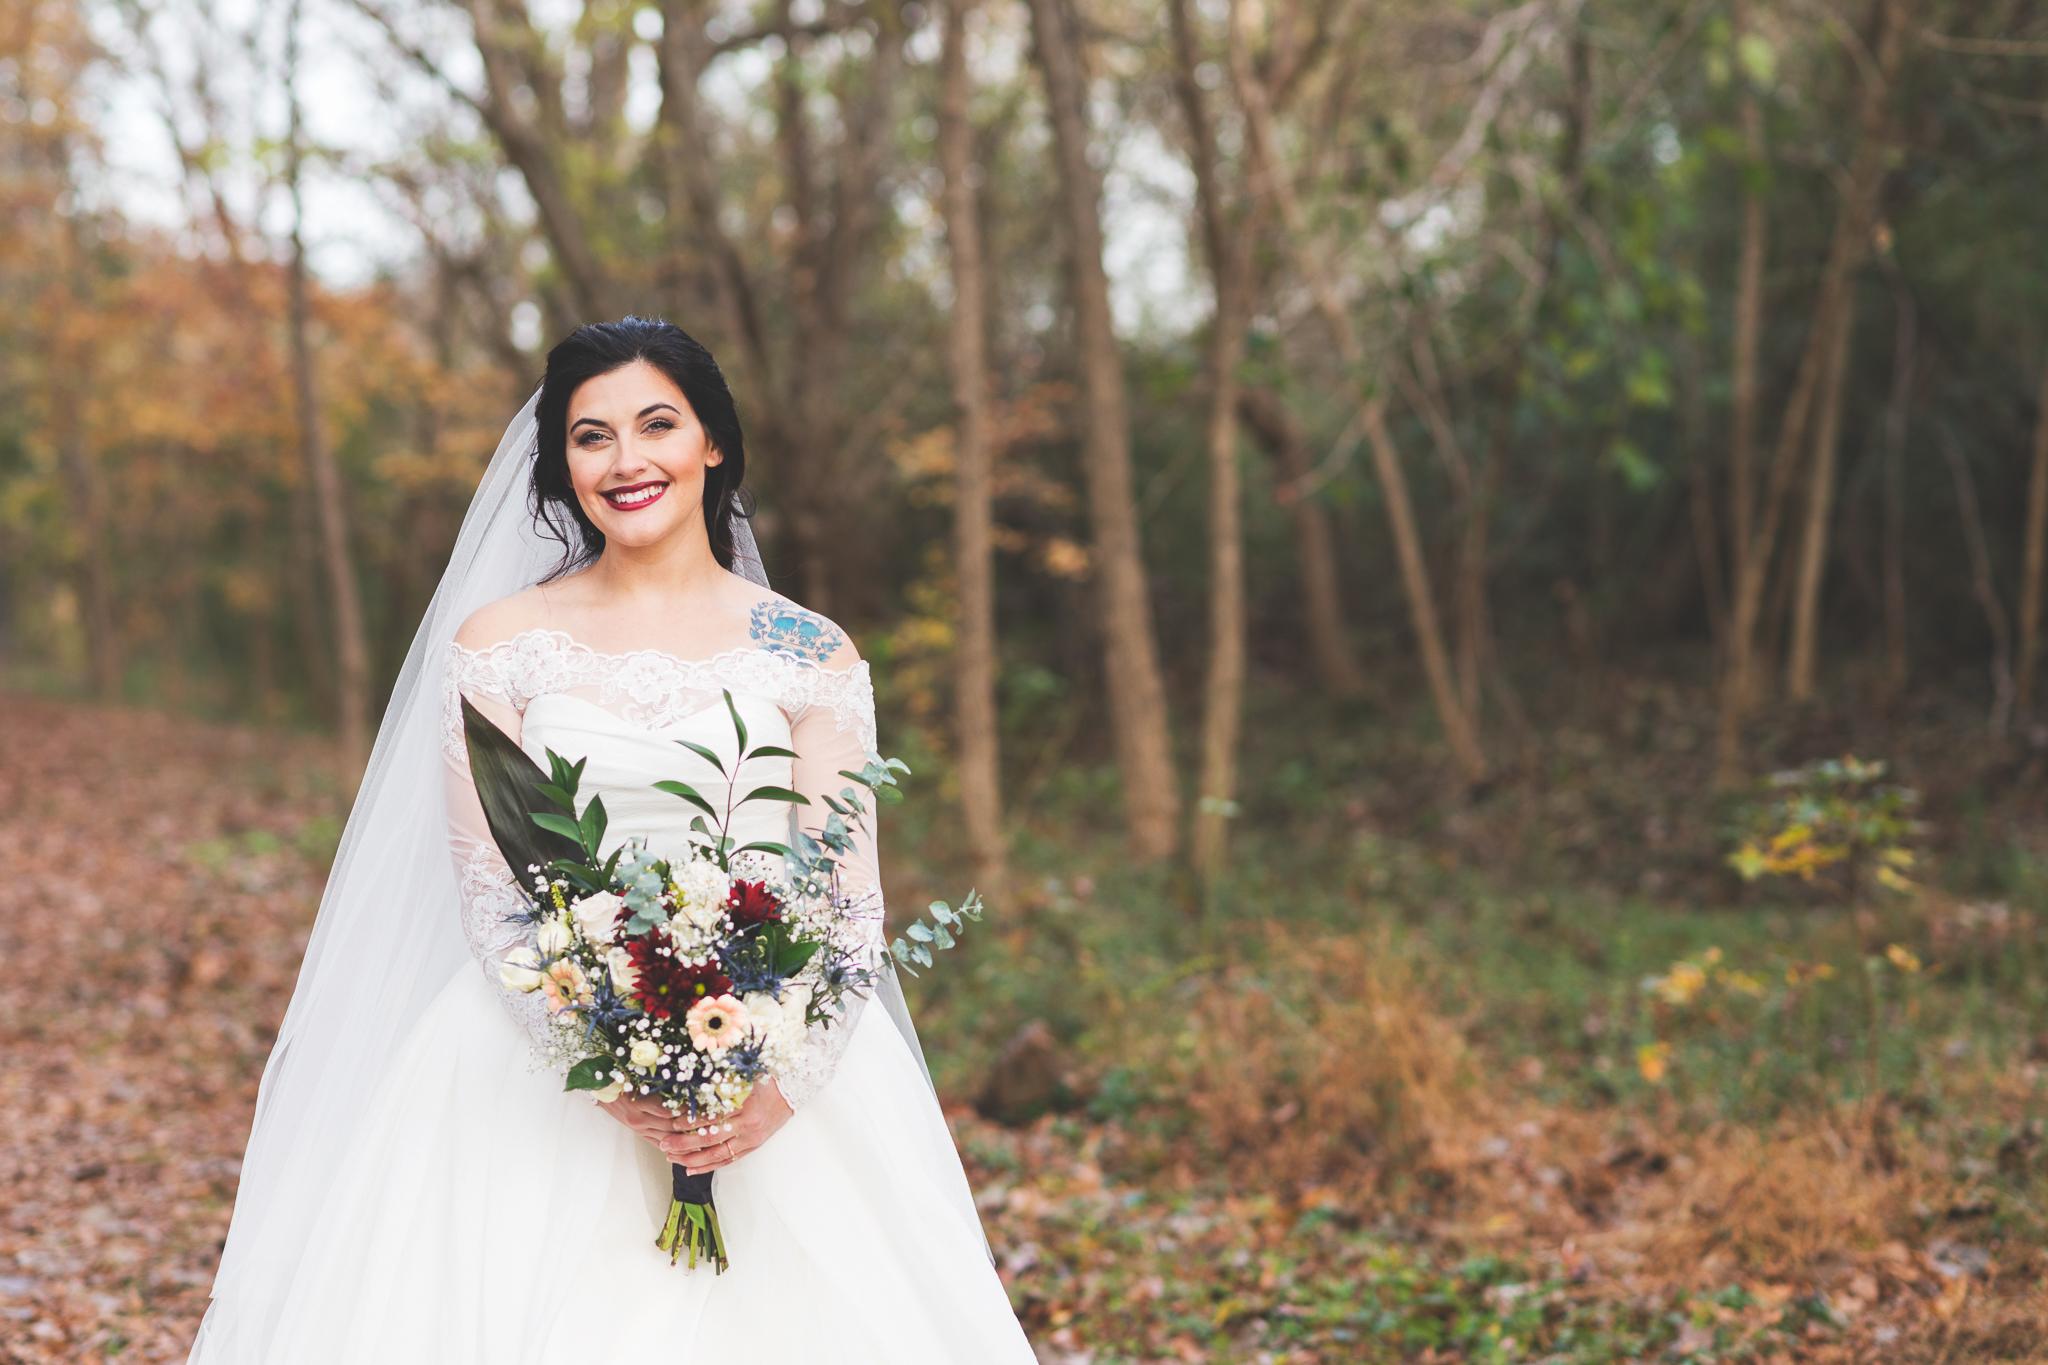 Bridals_SarahRobertson_blog-3.jpg